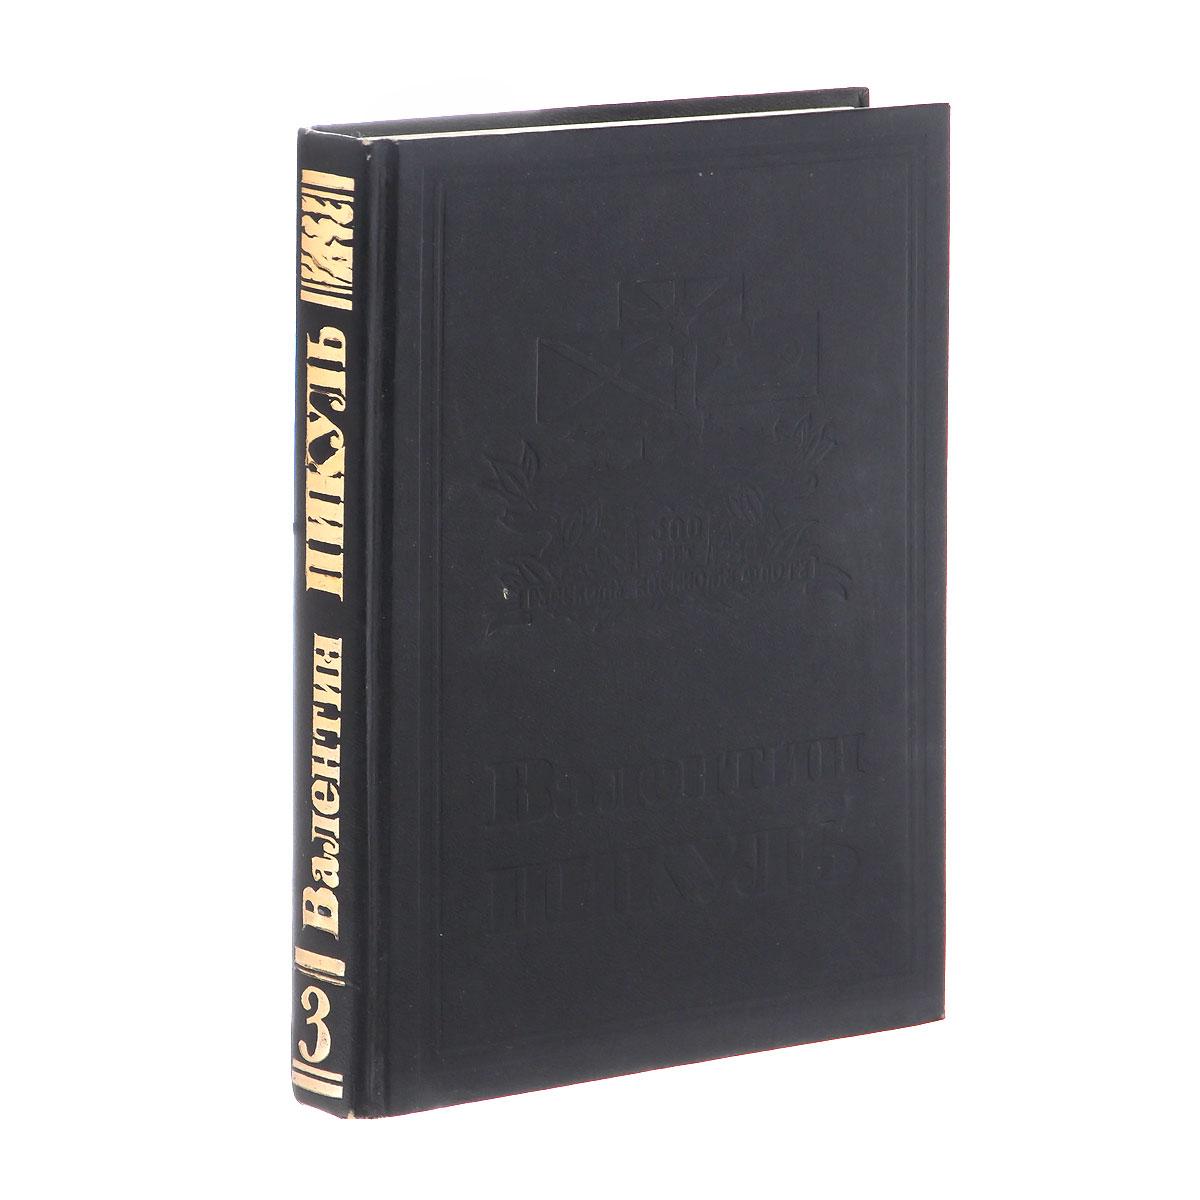 Валентин Пикуль Валентин Пикуль. Собрание сочинений. В 13 томах. Том 3. Крейсера. Богатство